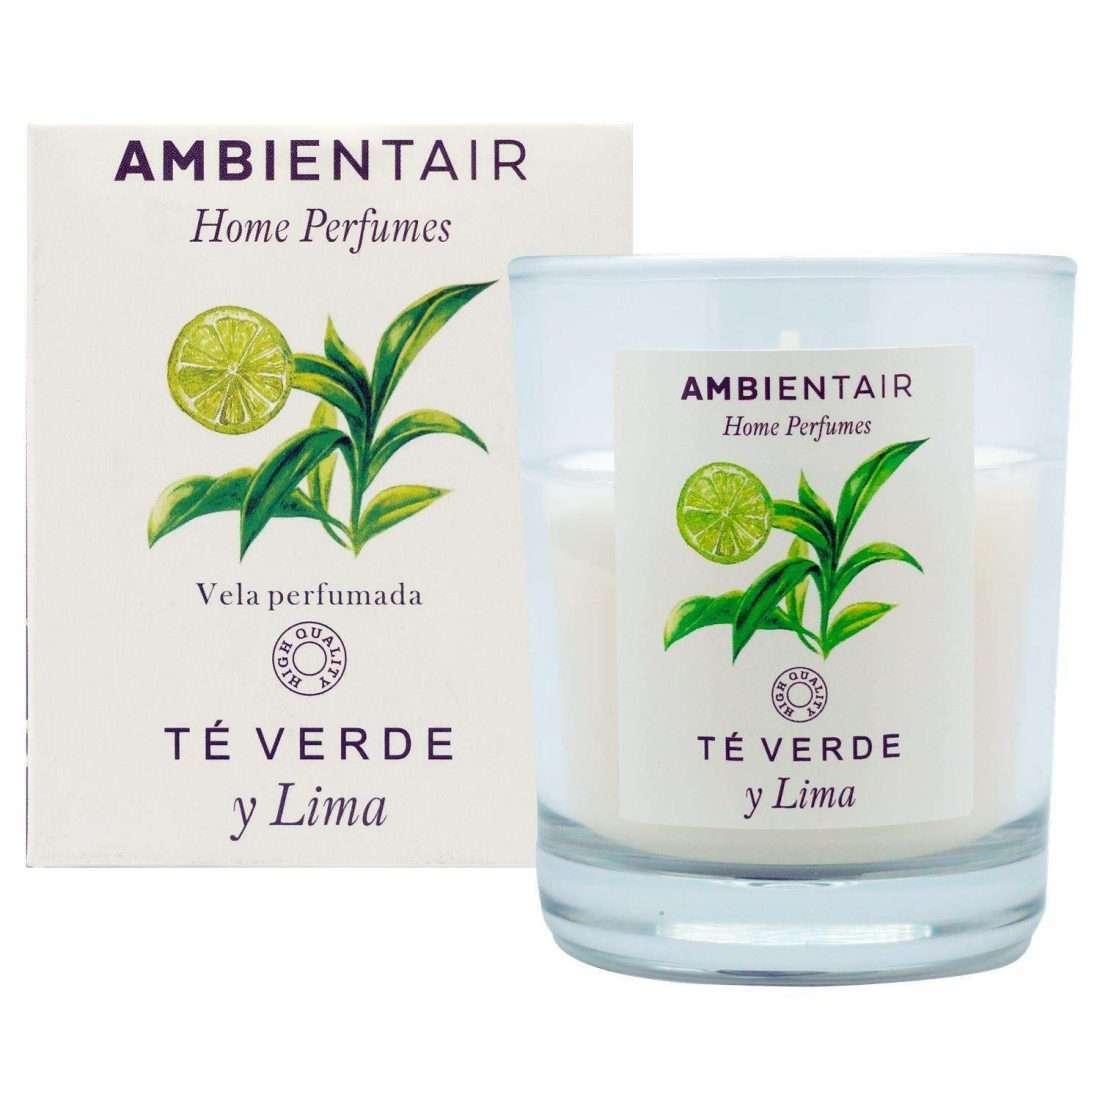 8435474410727 Vela 30 H Home Perfume Tv Estuche Y Vaso 2